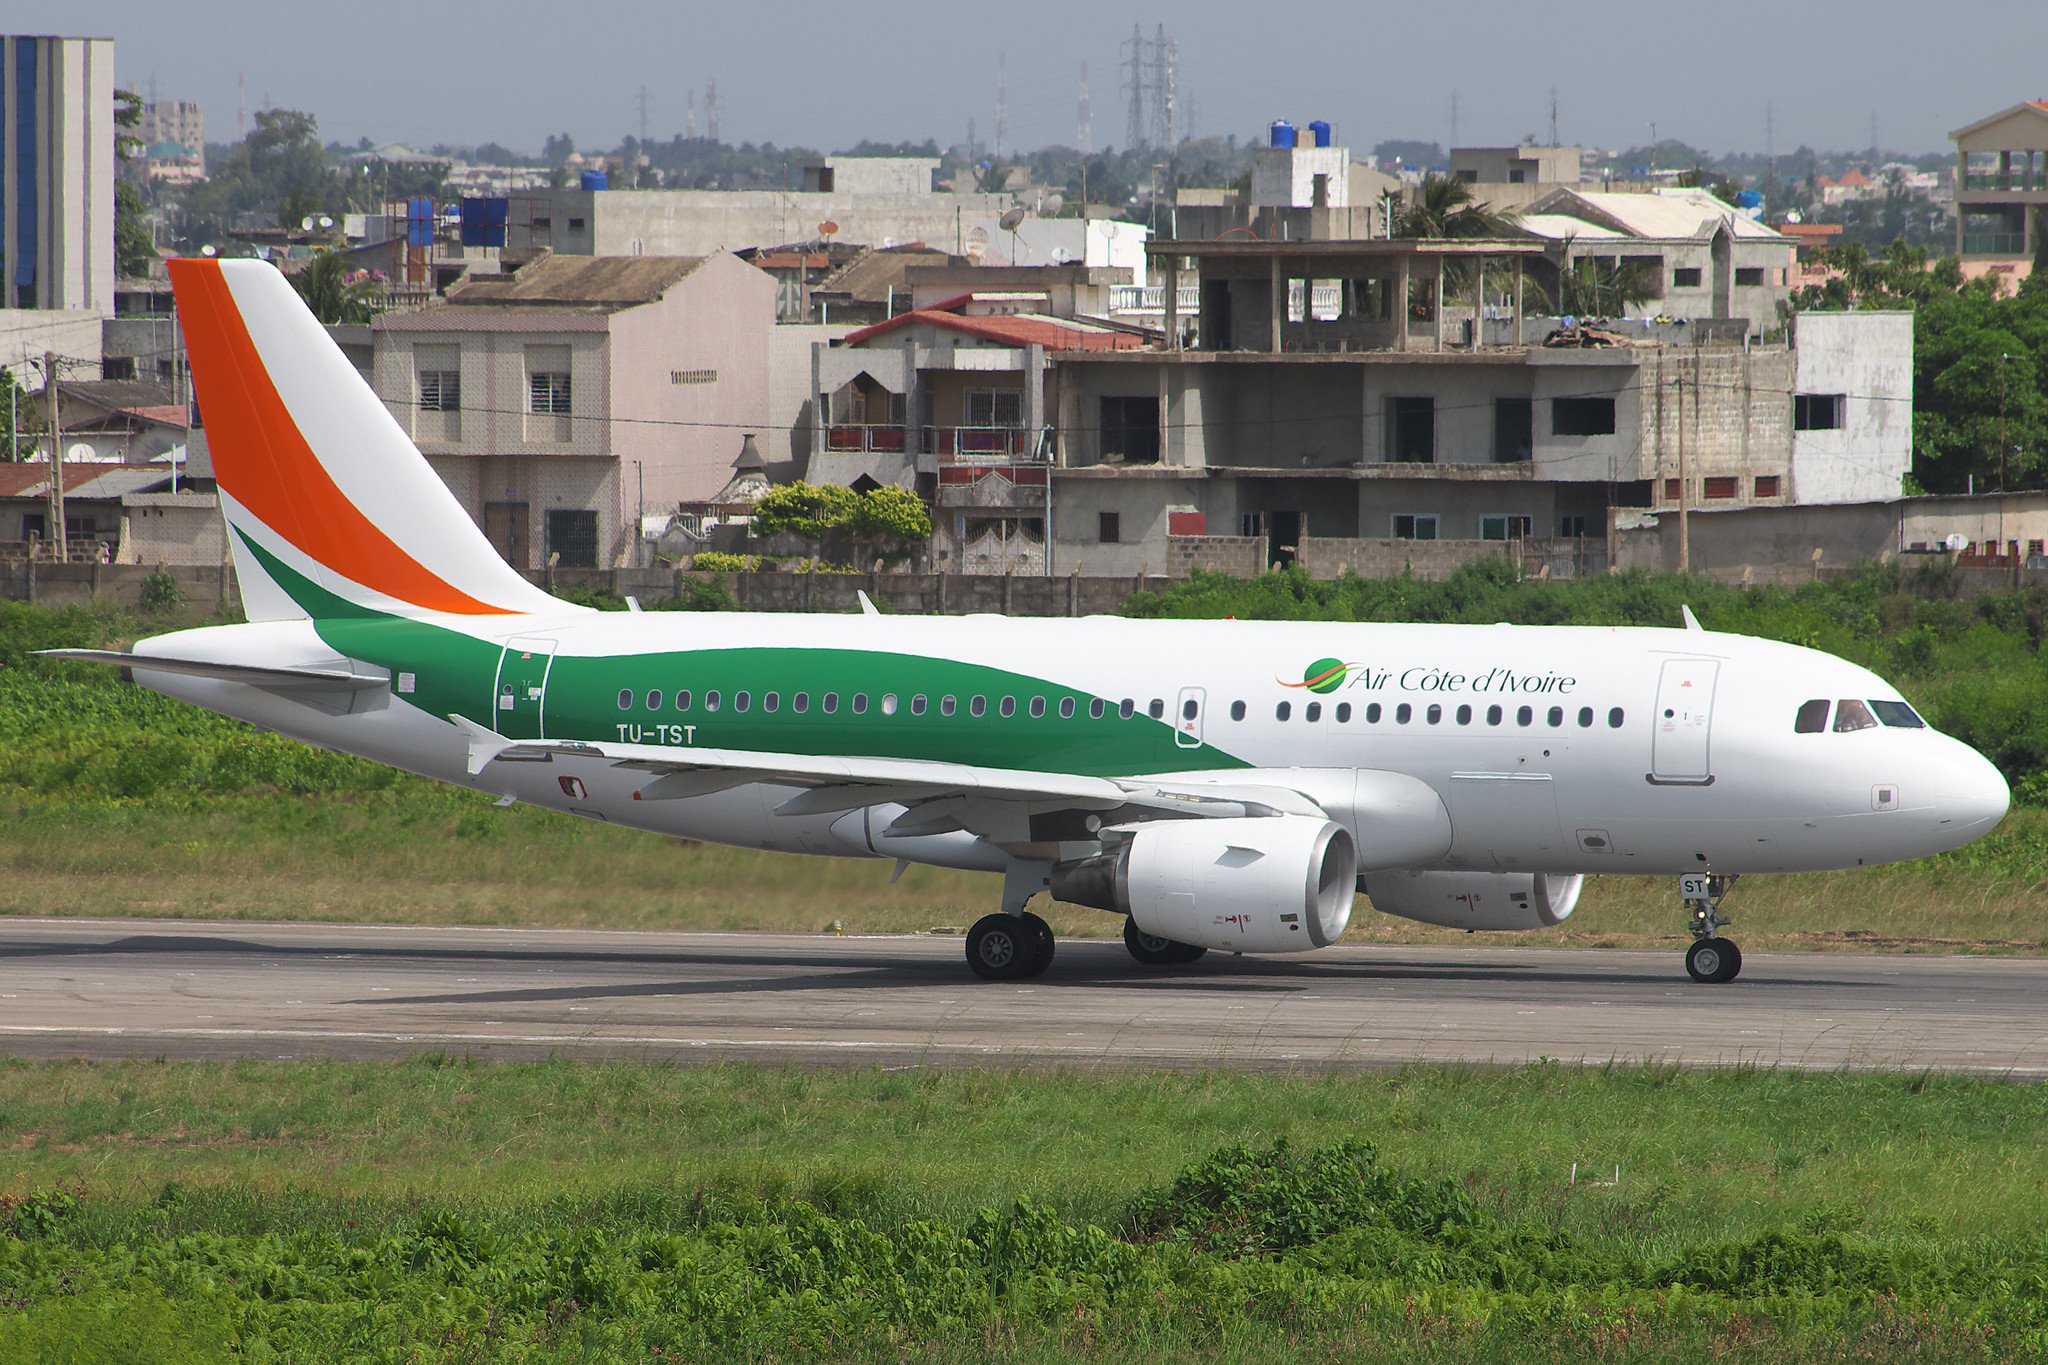 Air Cote d'Ivoire (TU-TST)